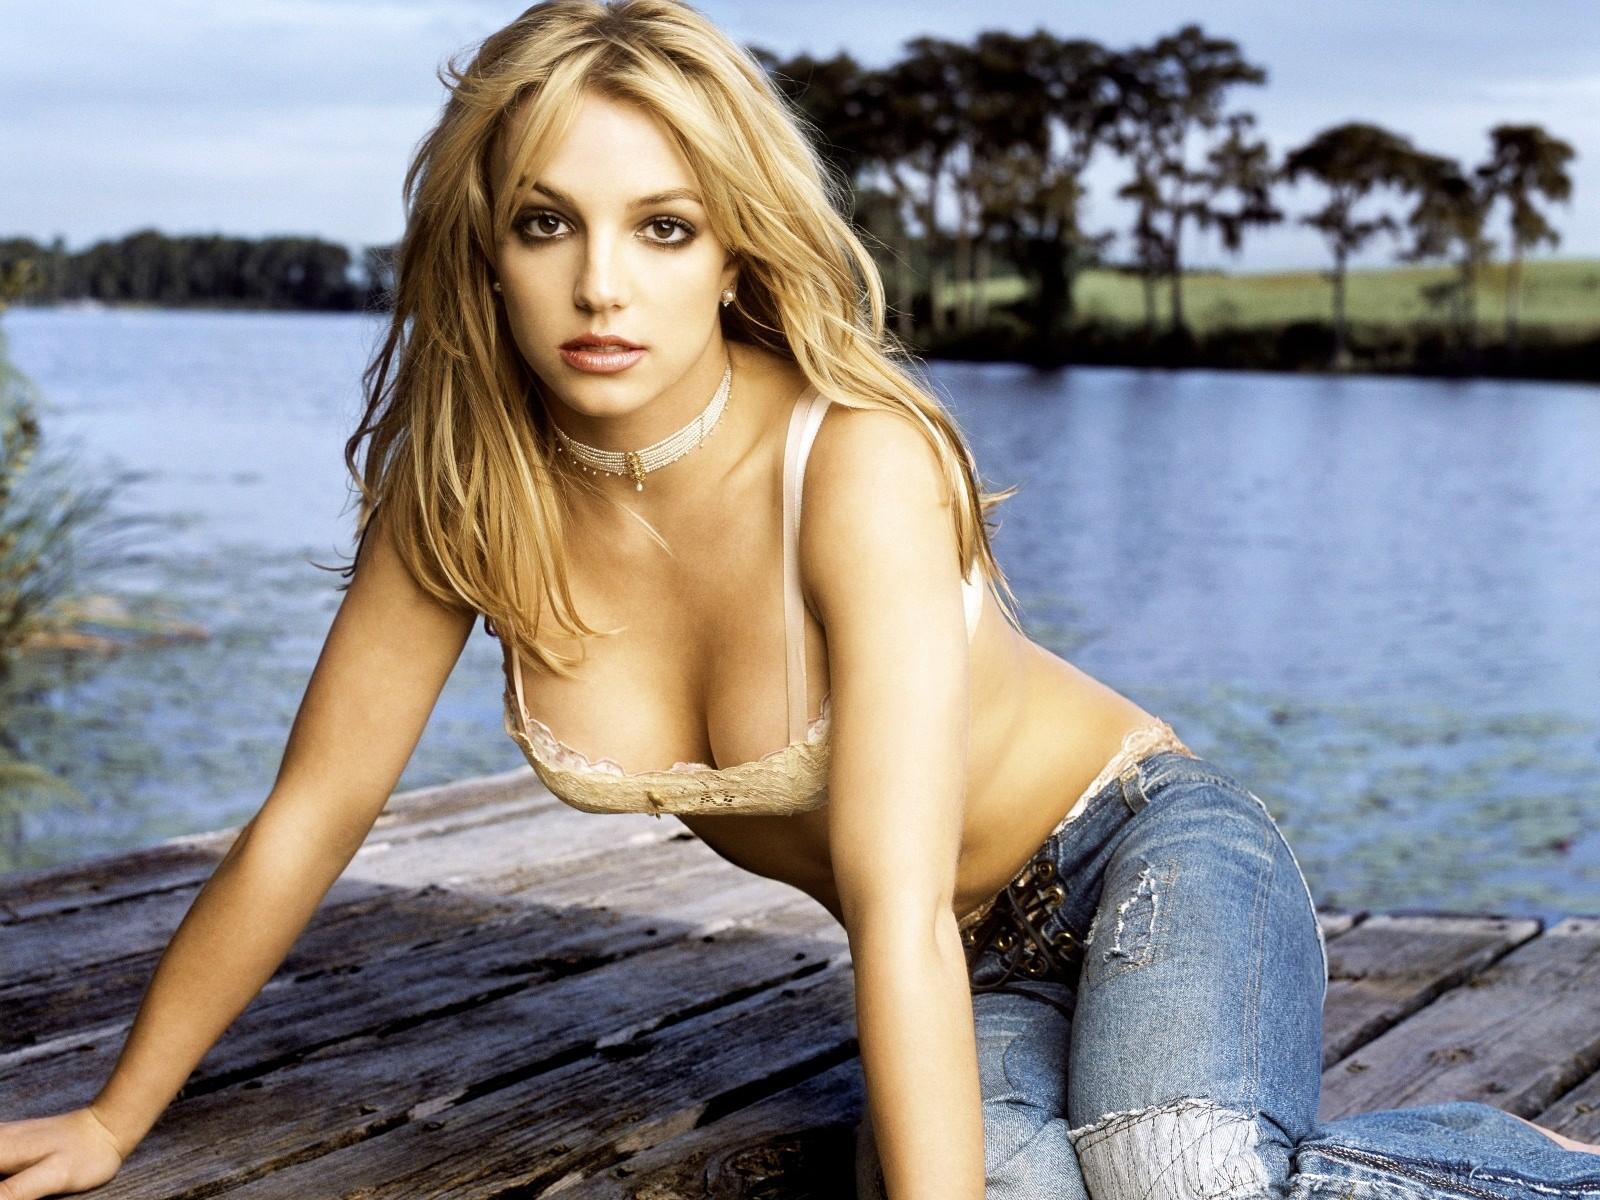 Никакая Бритни Спирс не девственница. Первый секс у нее был еще в 14 лет